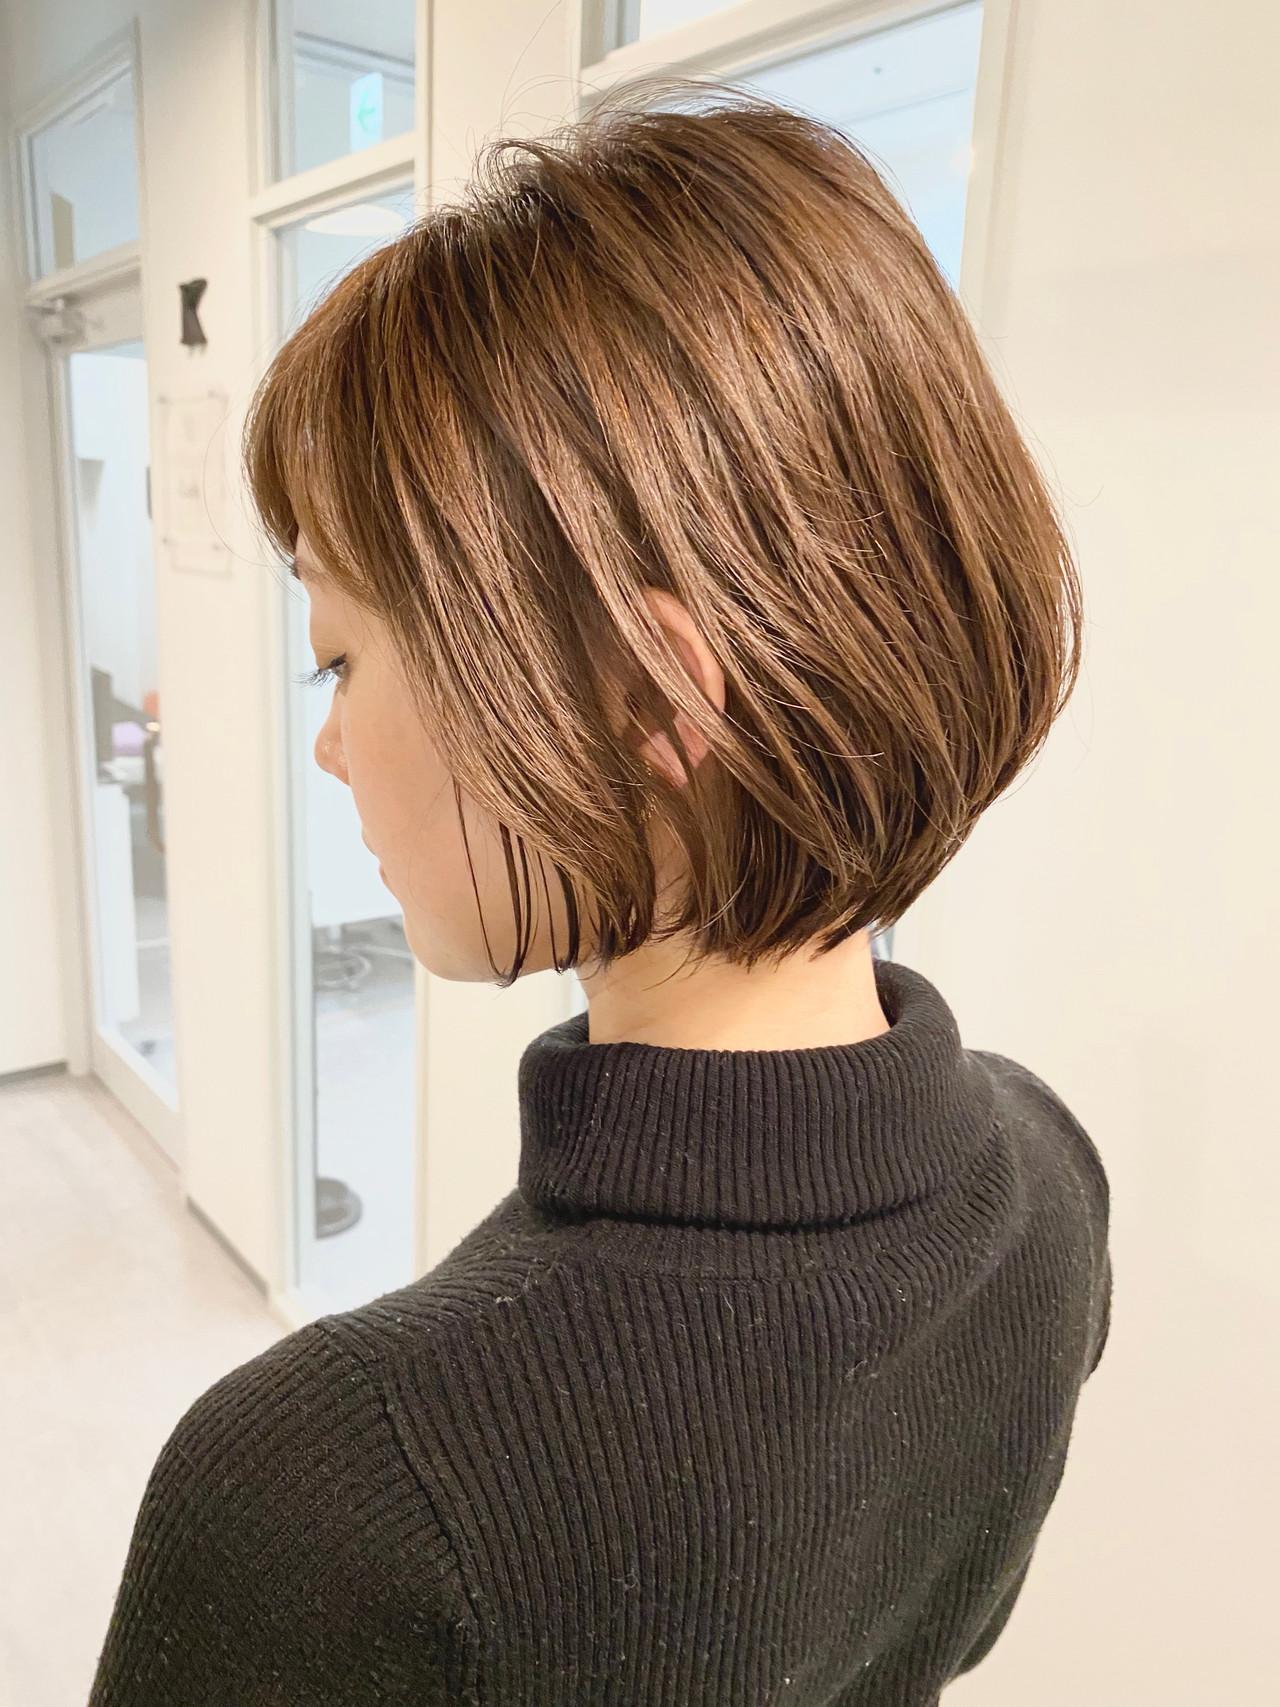 大人かわいい ショートヘア ショートボブ オフィス ヘアスタイルや髪型の写真・画像 | 大人可愛い【ショート・ボブが得意】つばさ / VIE